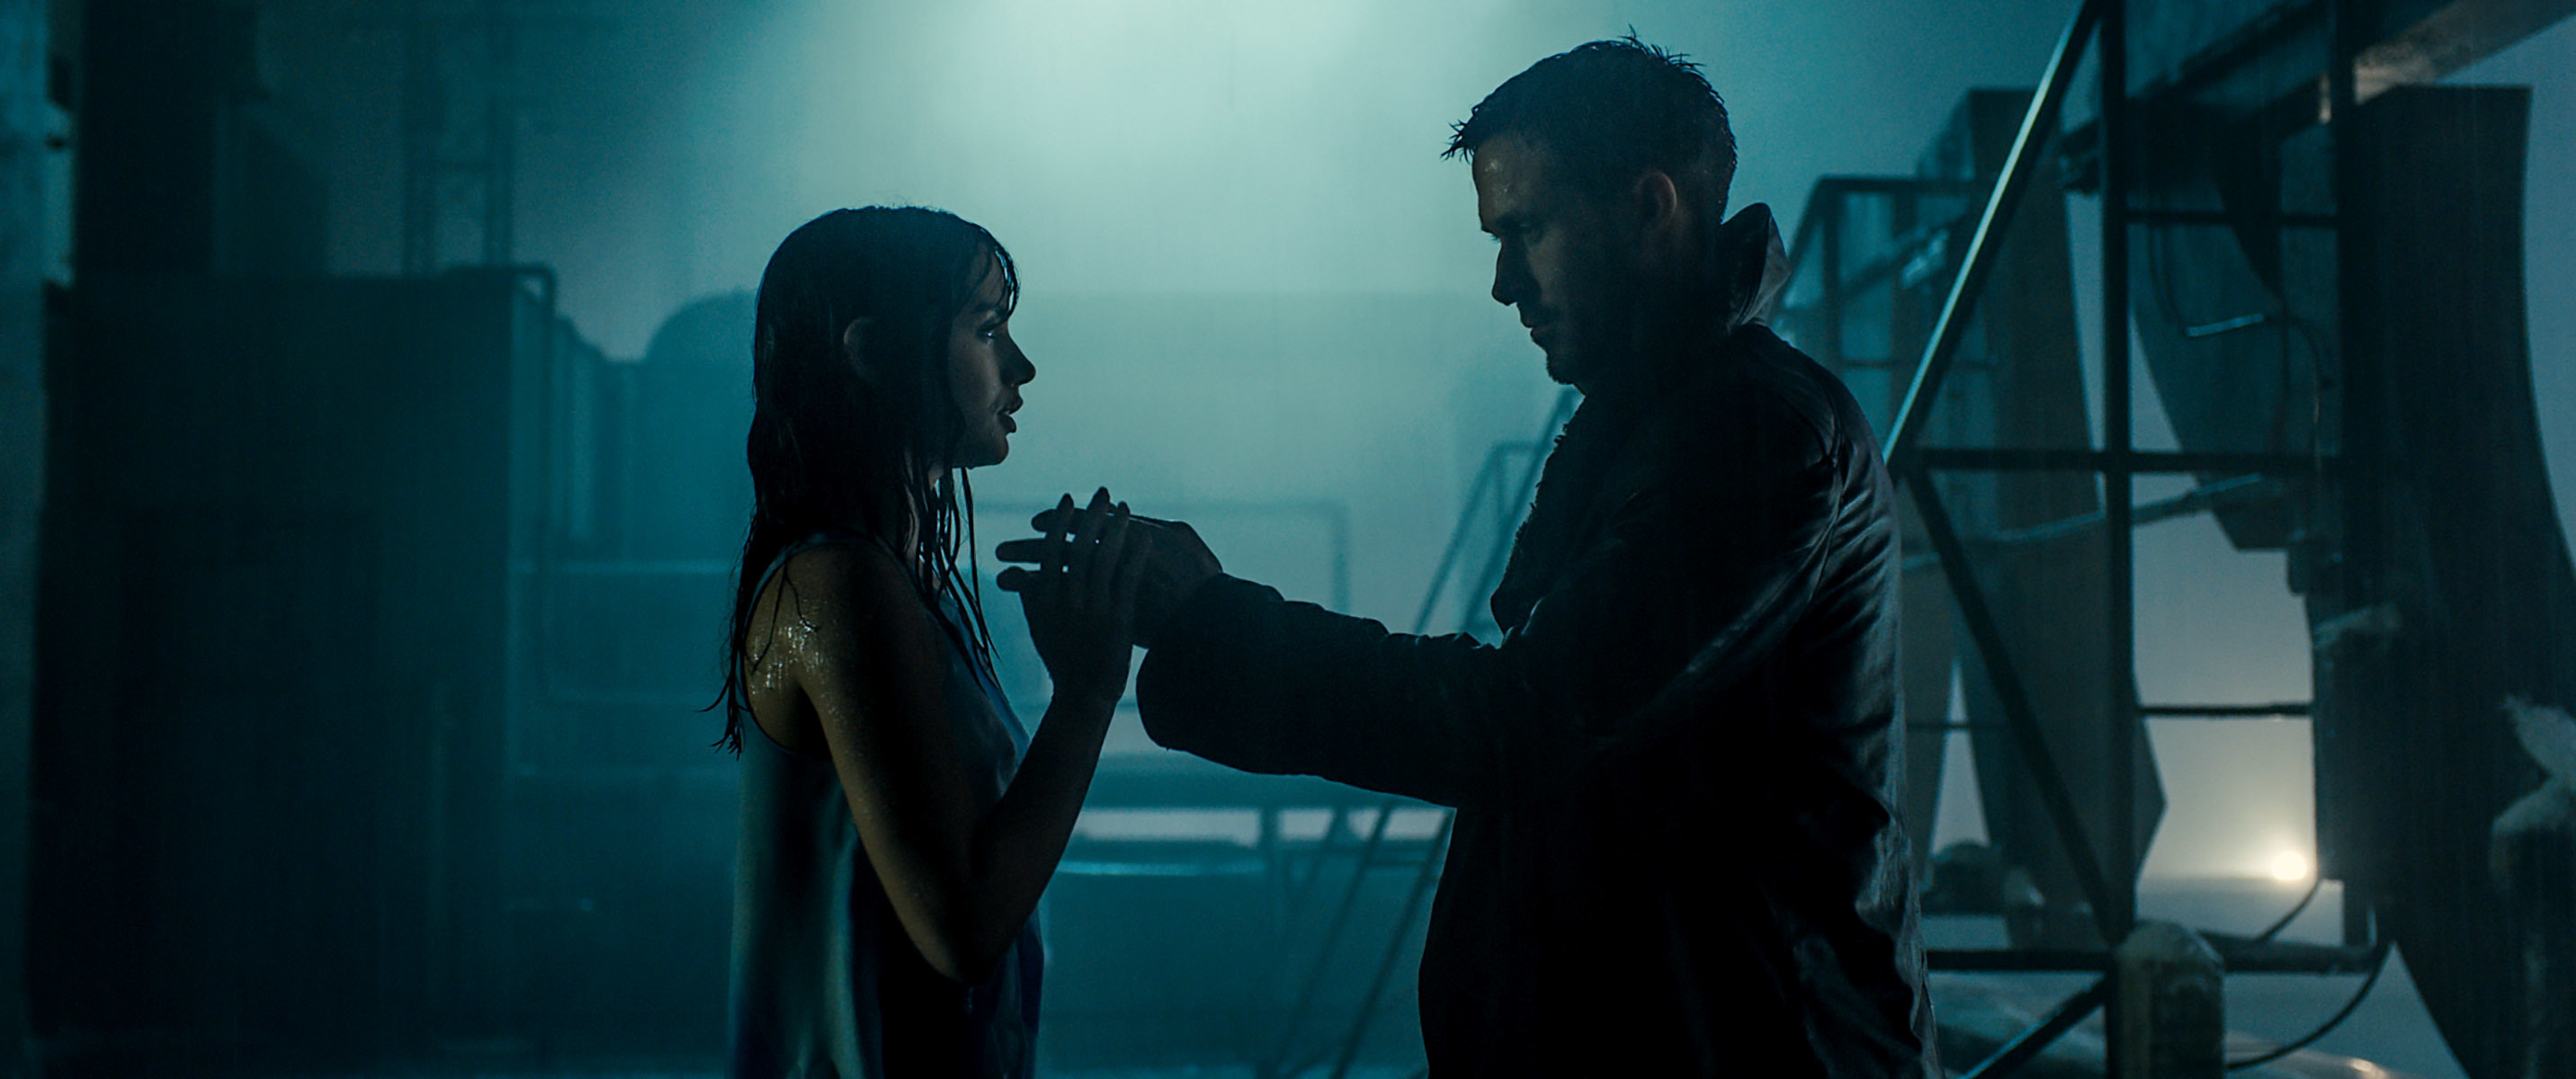 Blade Runner 2049 2017, directed by Denis Villeneuve